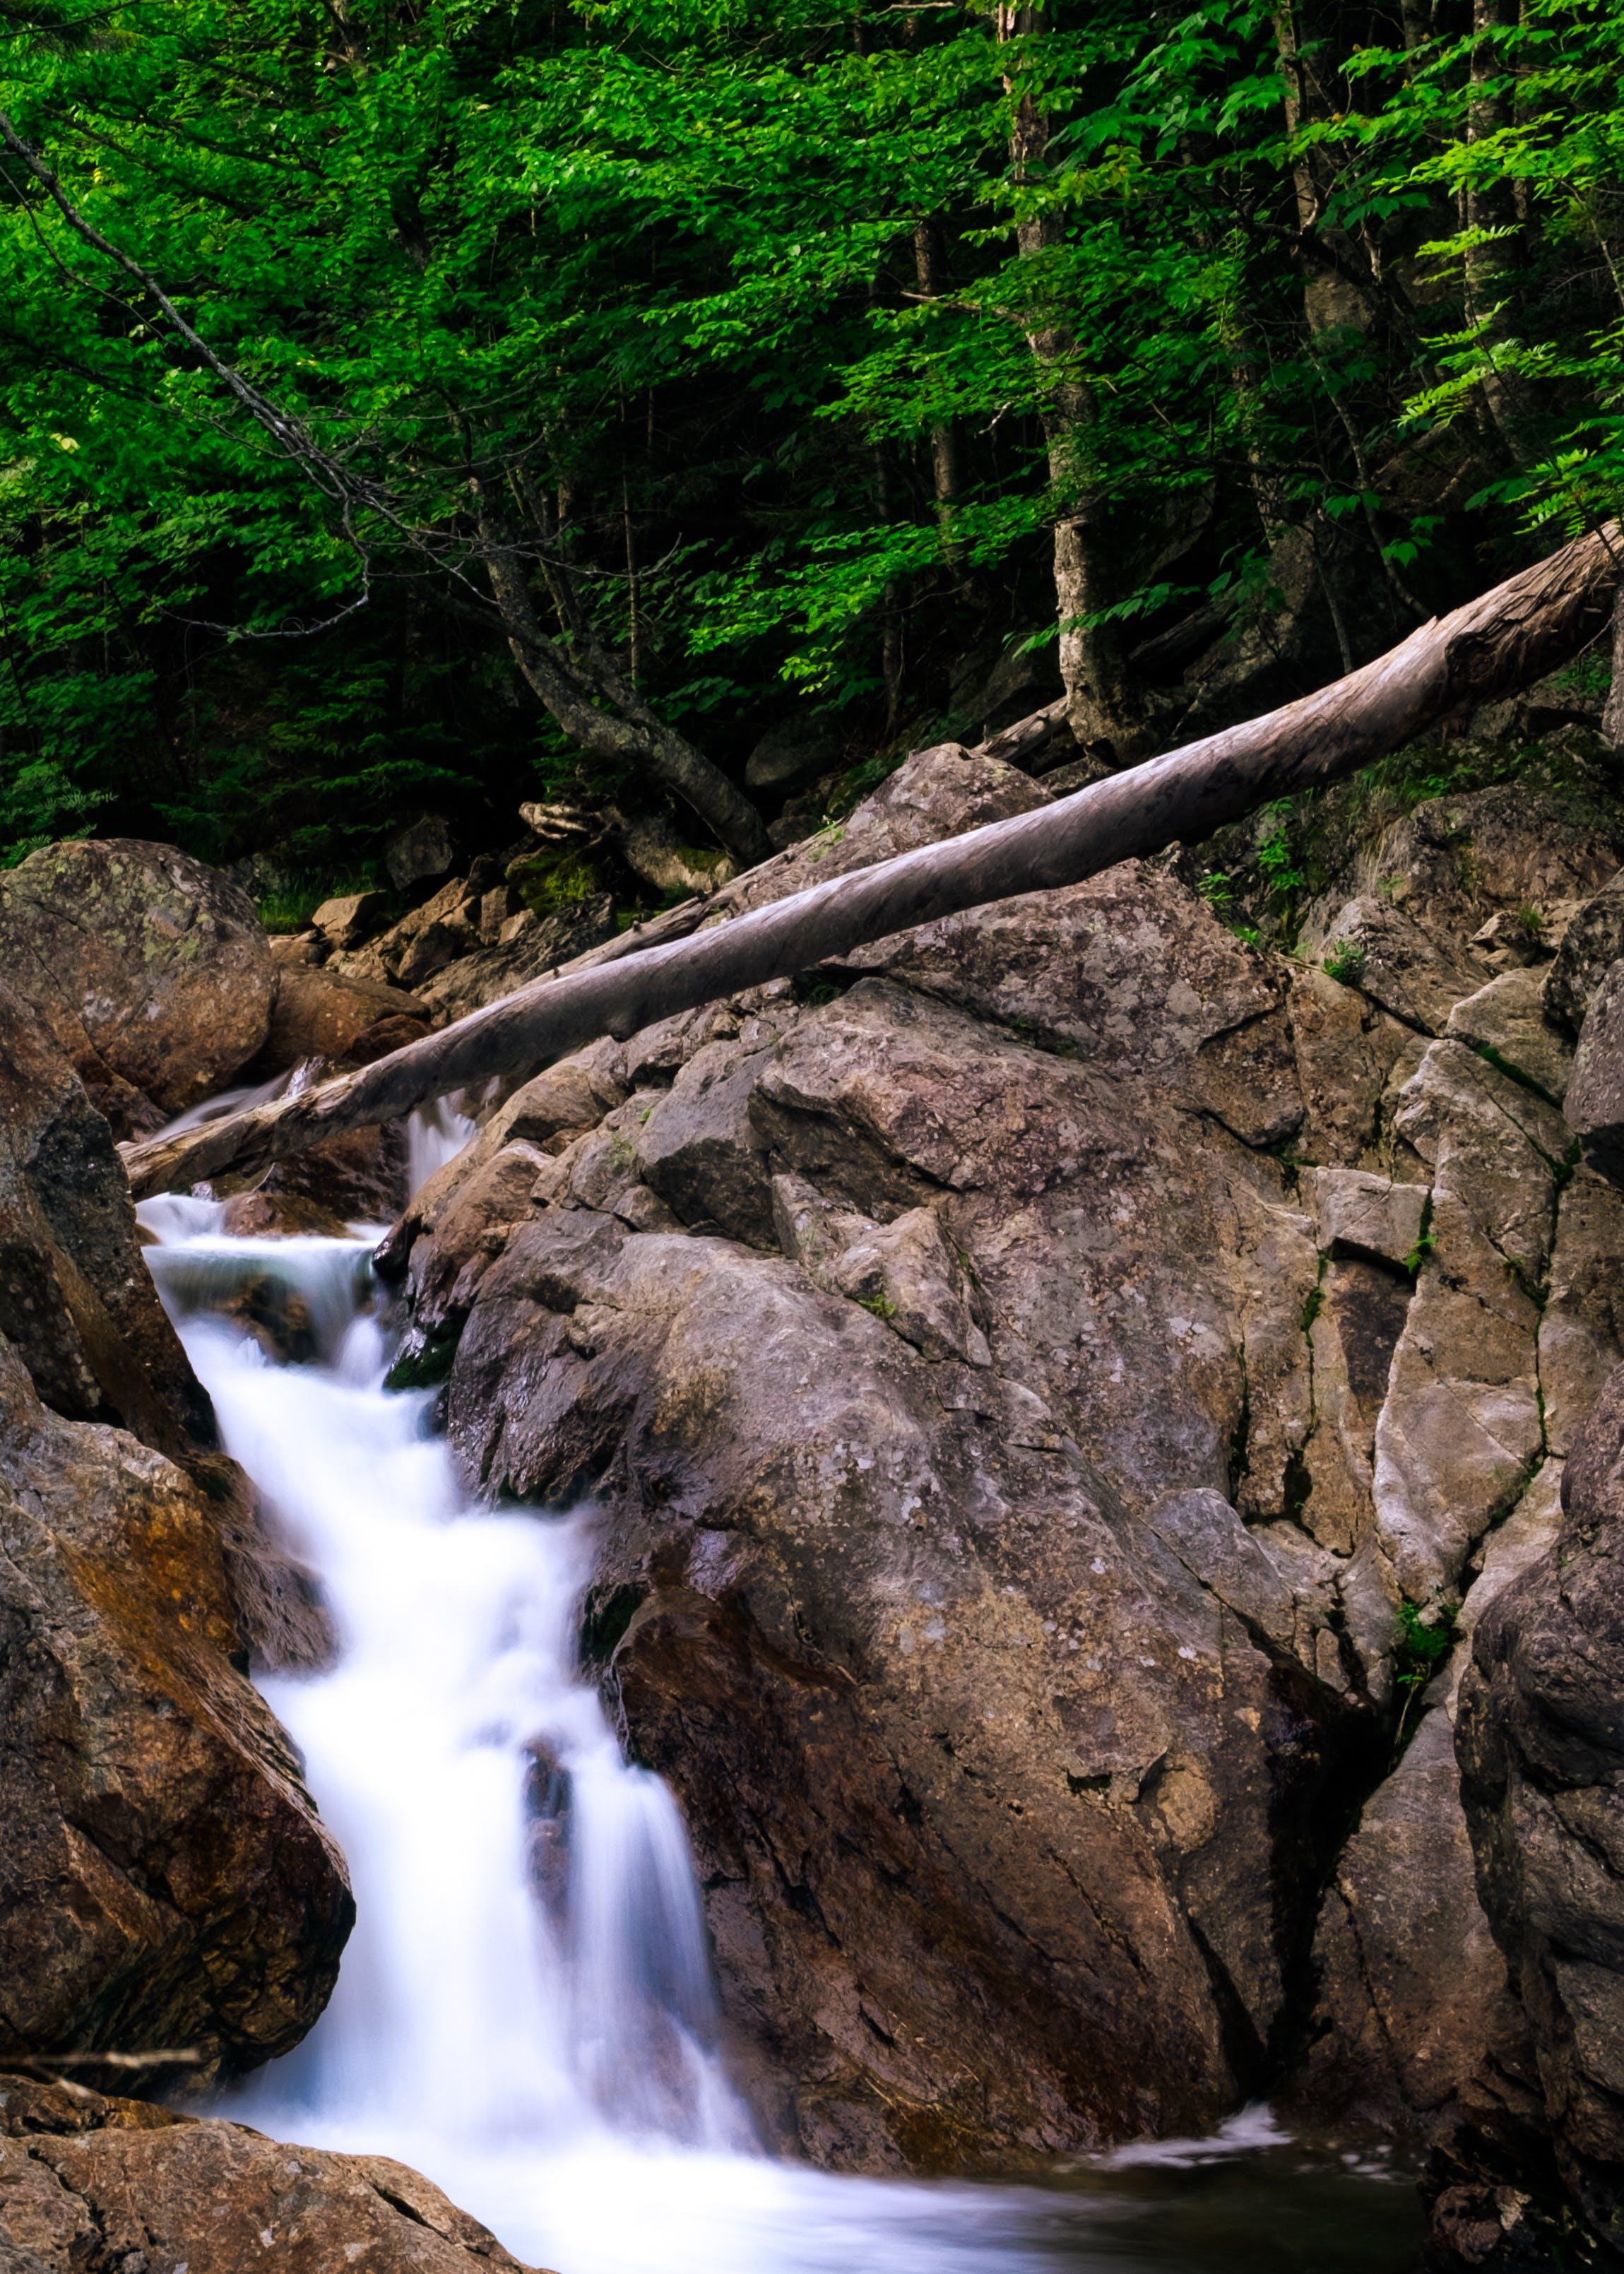 Δωρεάν στοκ φωτογραφιών με βράχια σκεπασμένα με βρύα, δασικός, δέντρα, καθαρό νερό